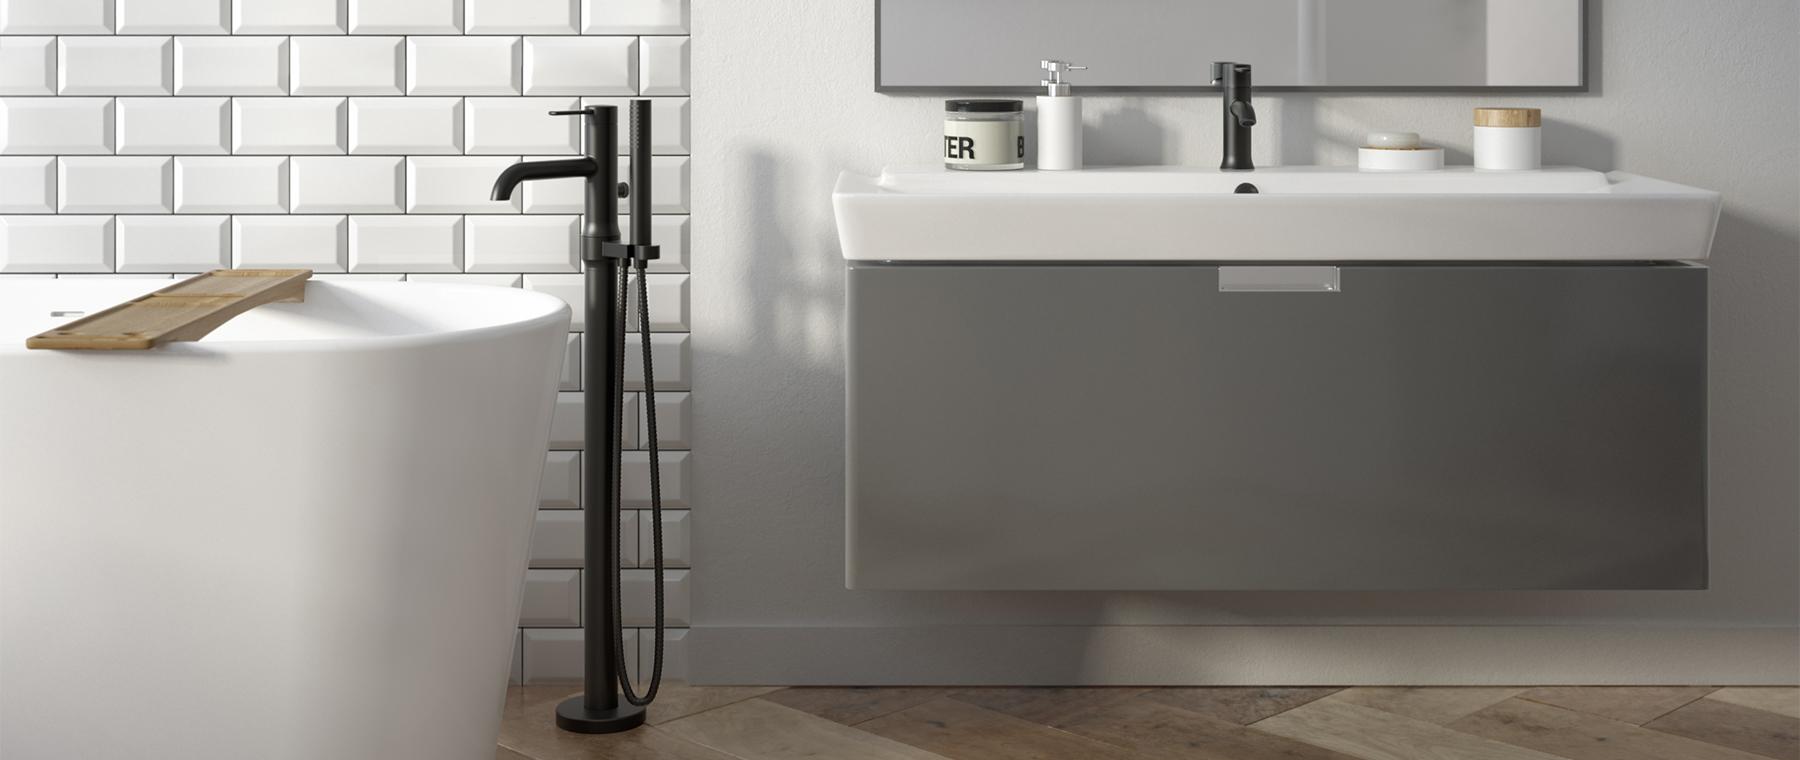 Alt robinetterie de salle de bain Marque de robinetterie salle de bain